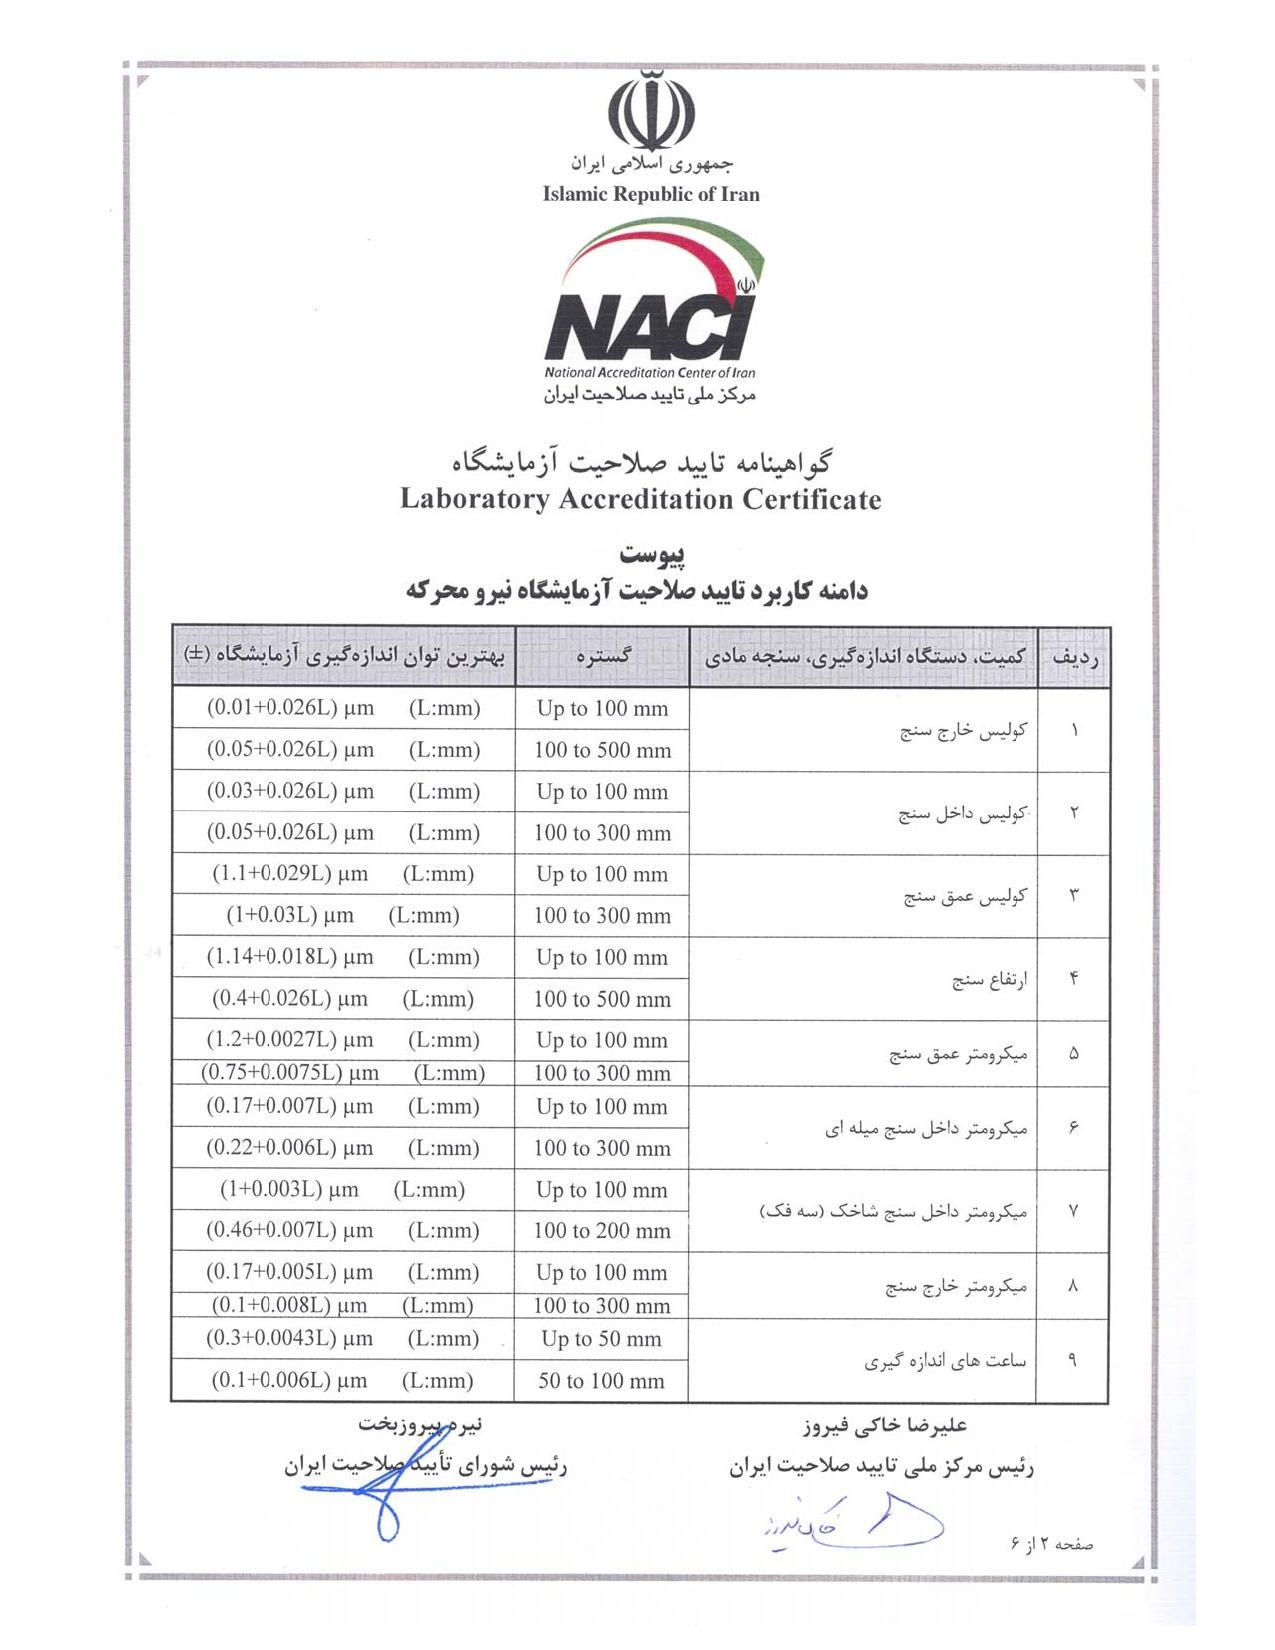 گواهینامه تایید صلاحیت آزمایشگاه(1)